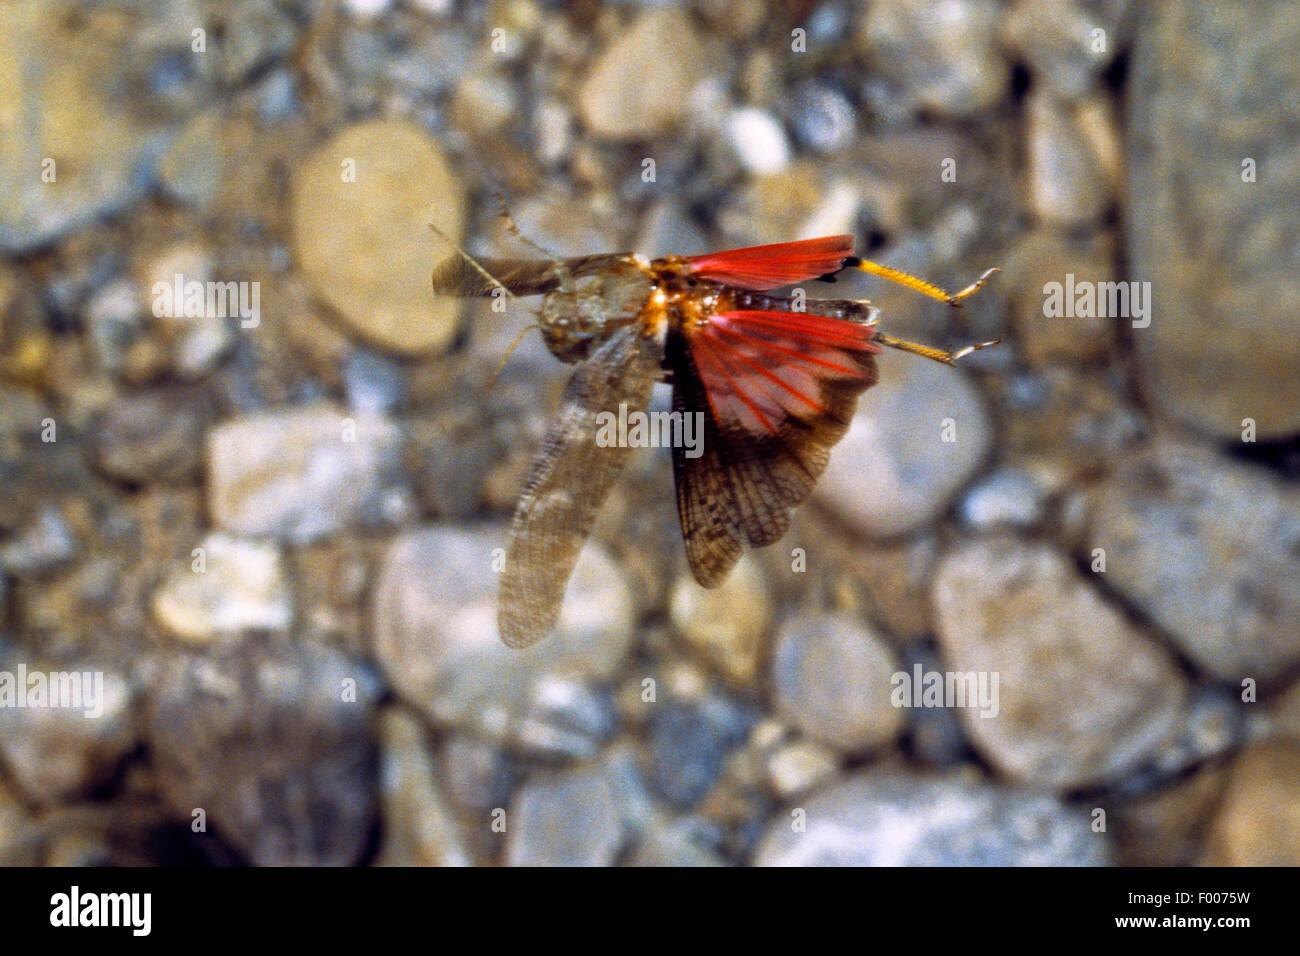 Gesprenkelte Grashüpfer, Europäische Rose geflügelte Heuschrecke (Bryodema Tuberculata, Bryodemella Stockbild